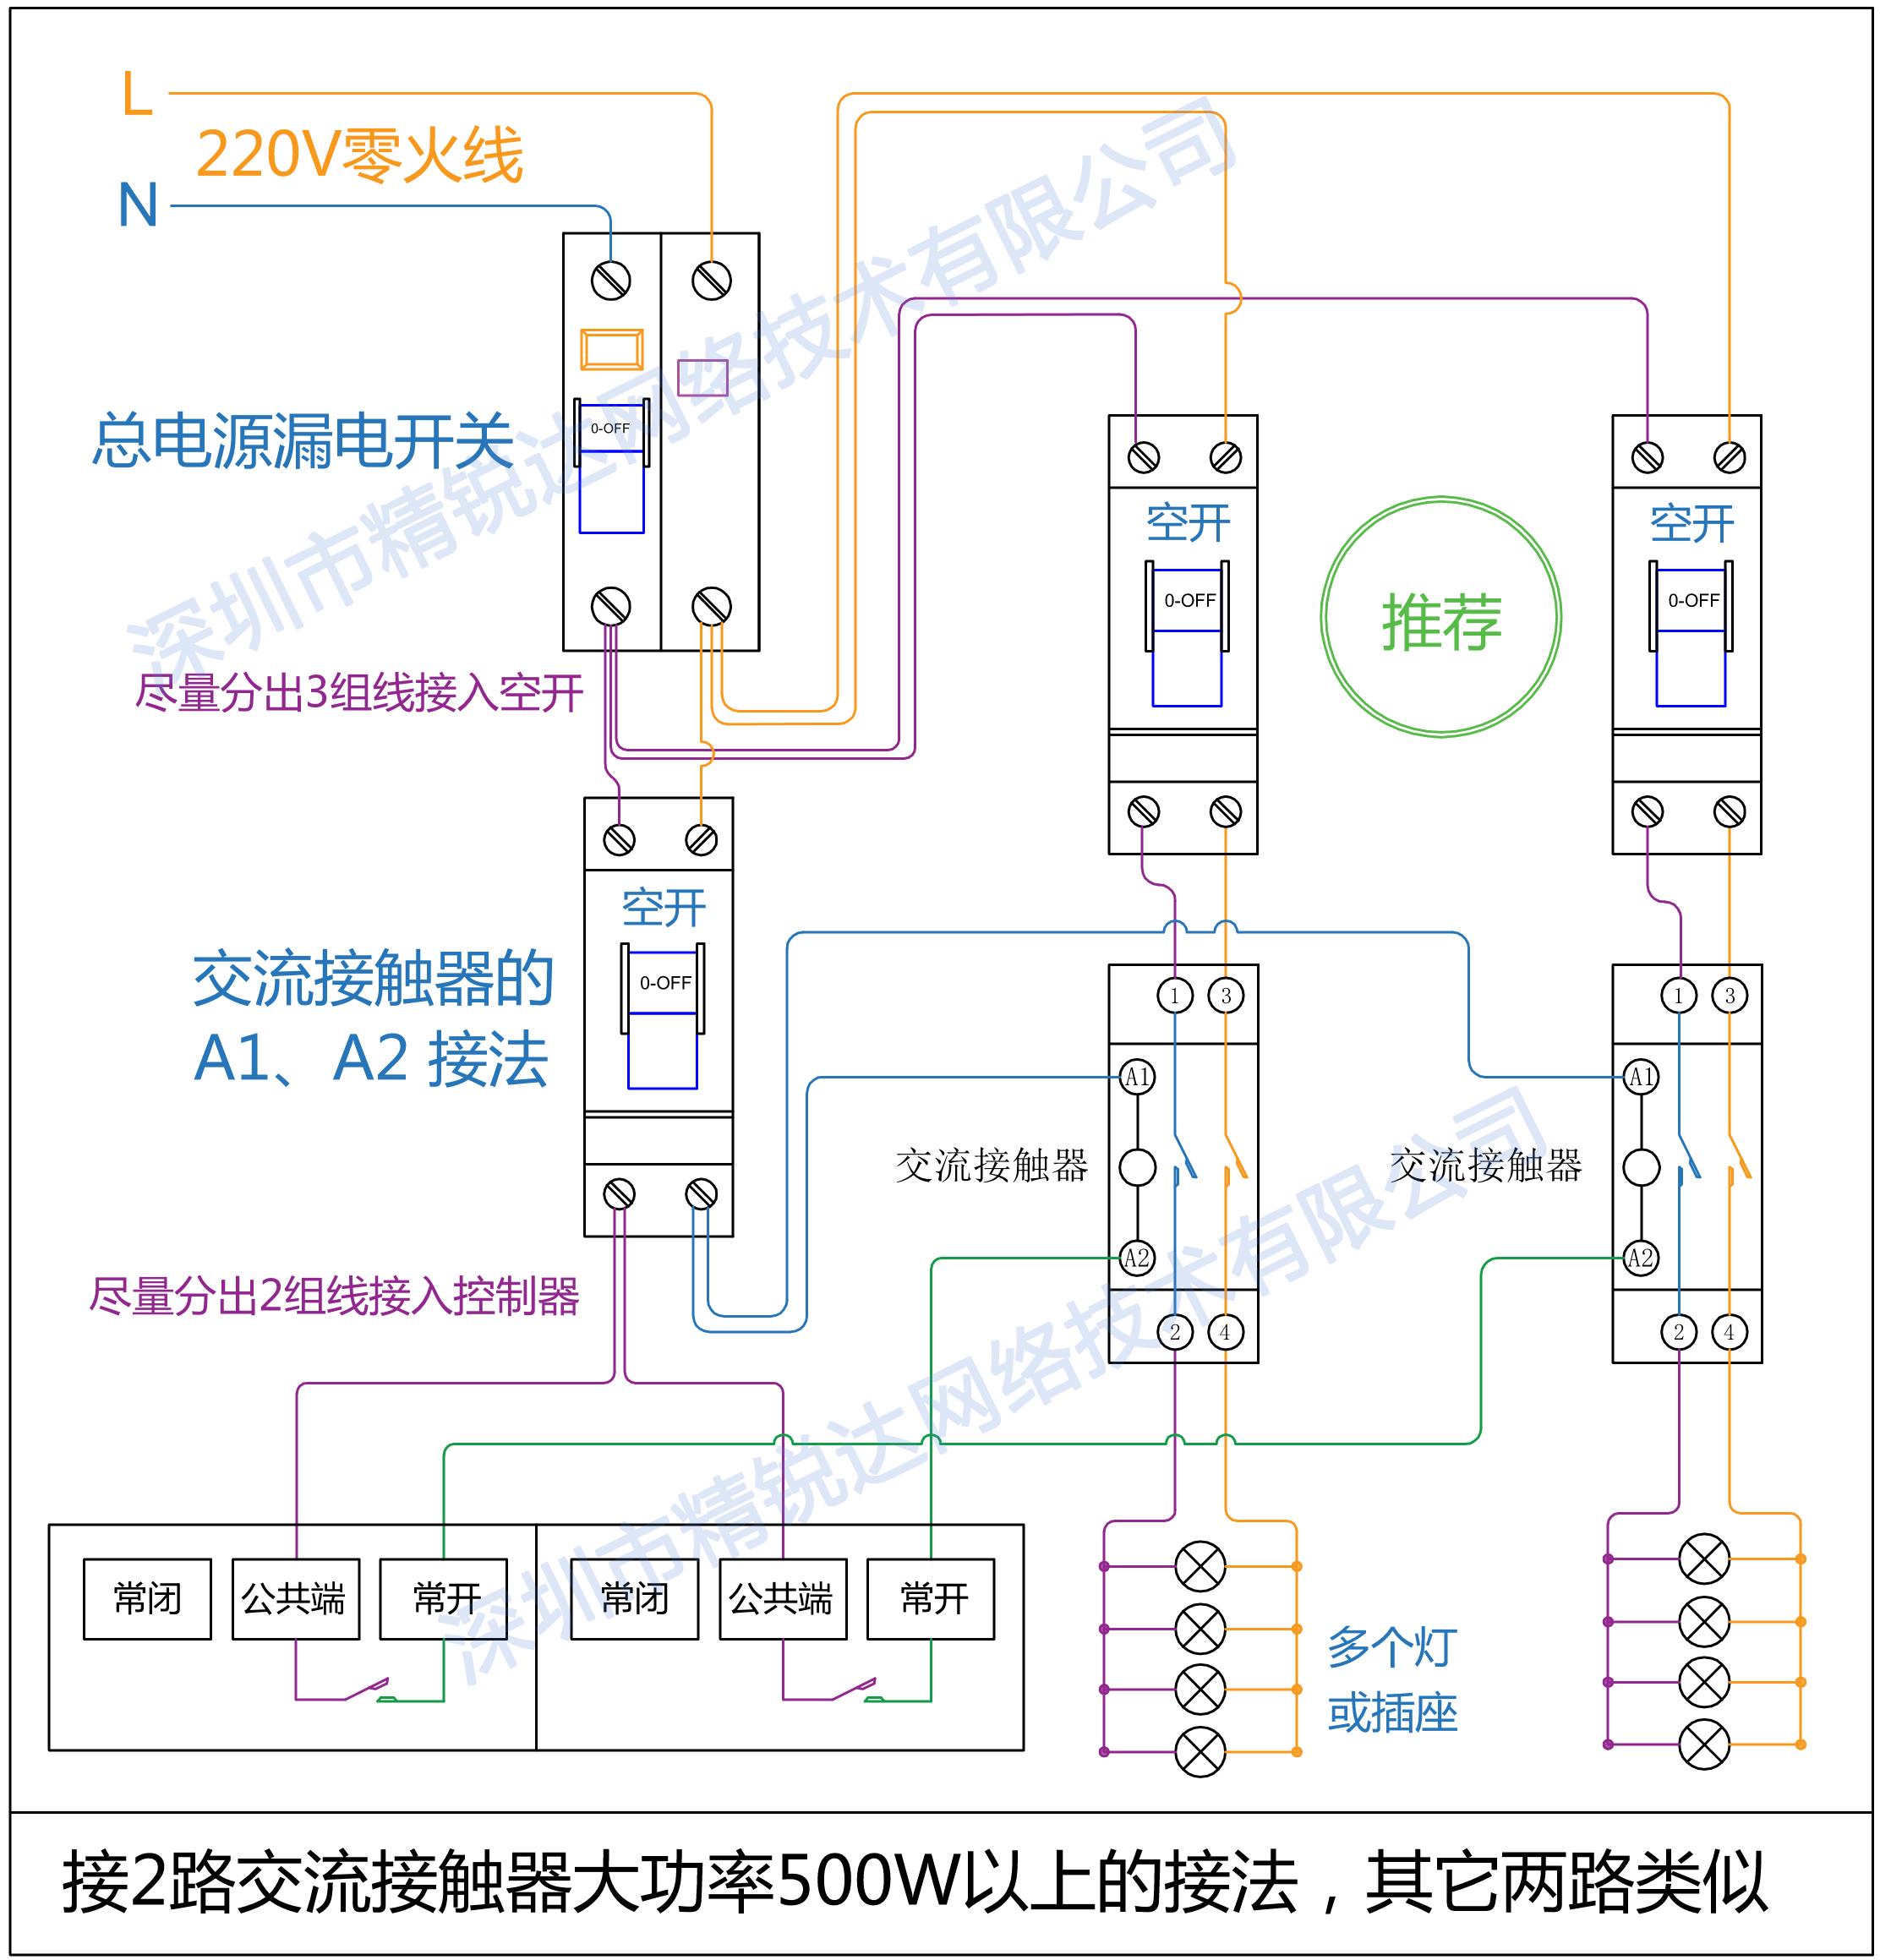 16路网络远程控制 远程监控 定时开关控制器手机智能灯光插座开关